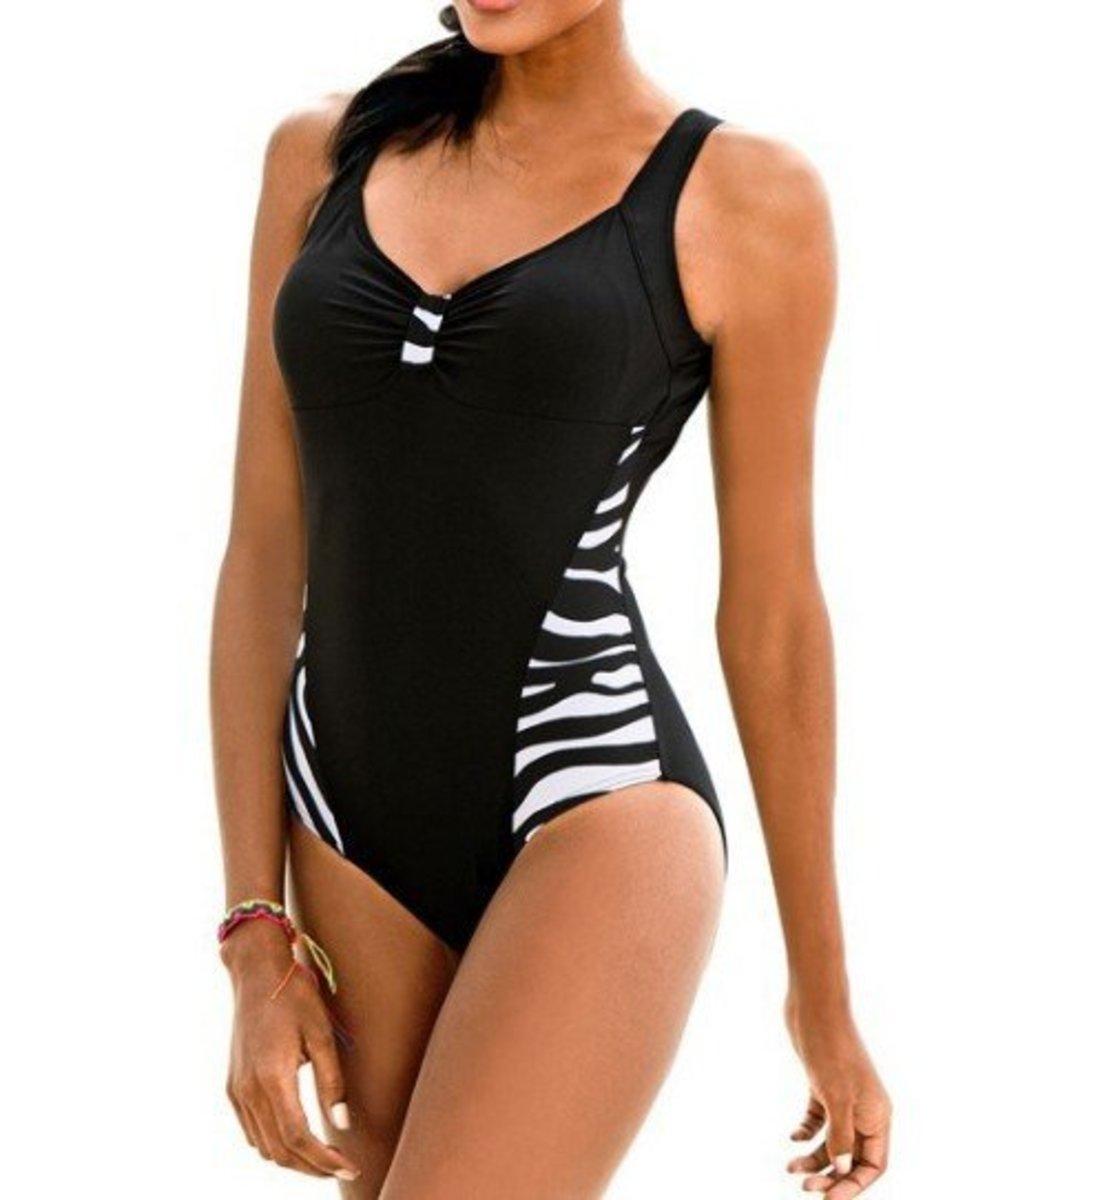 大碼泳衣 尺碼: L